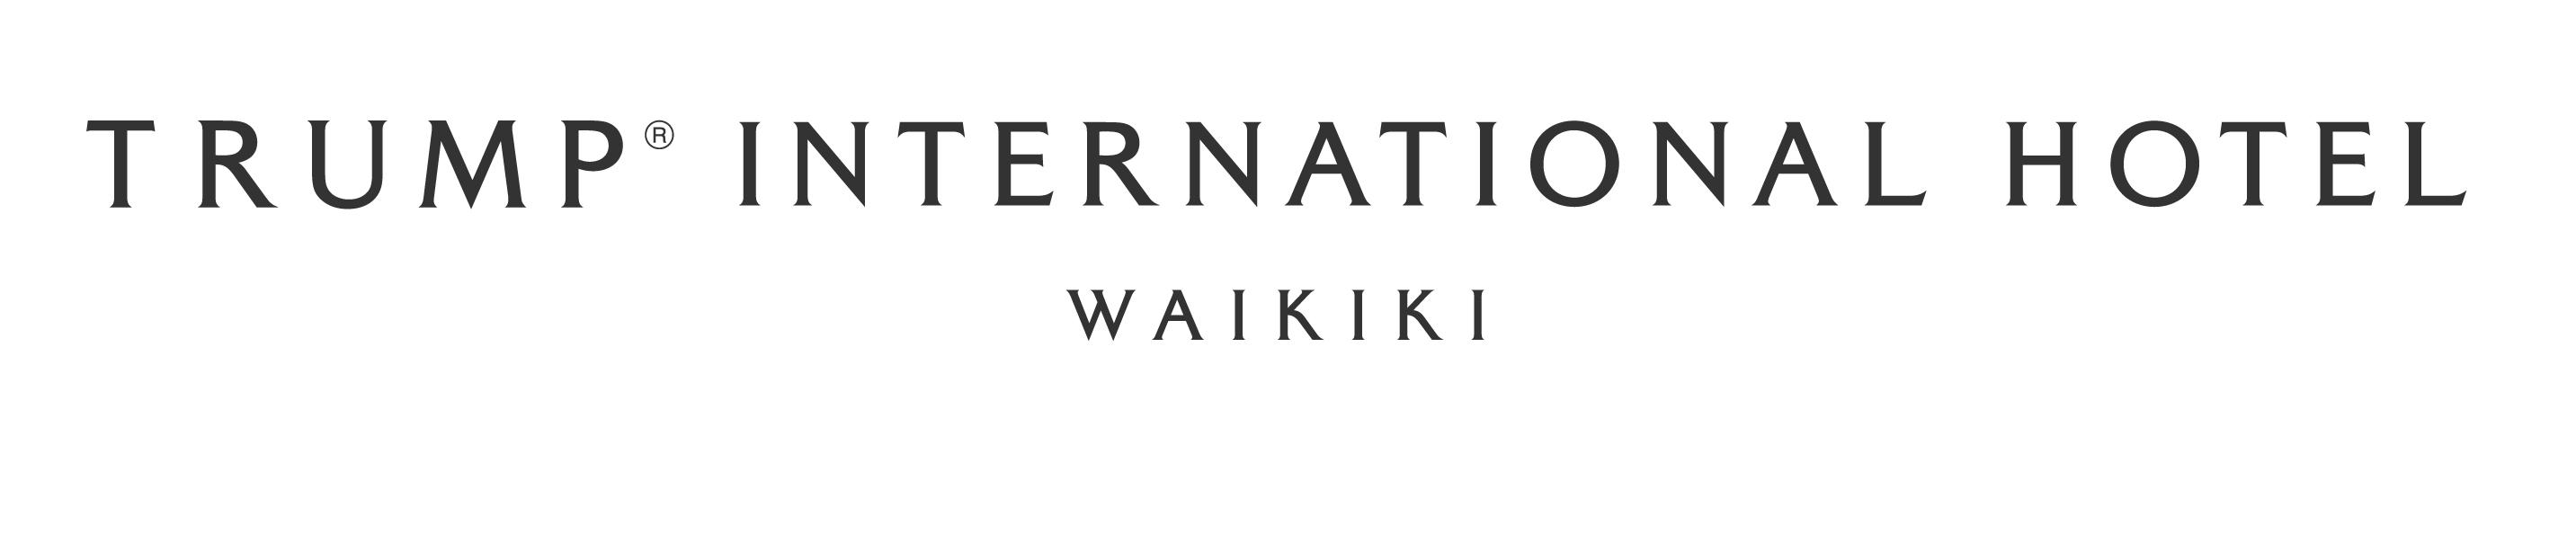 Trump International Hotel Waikiki logo